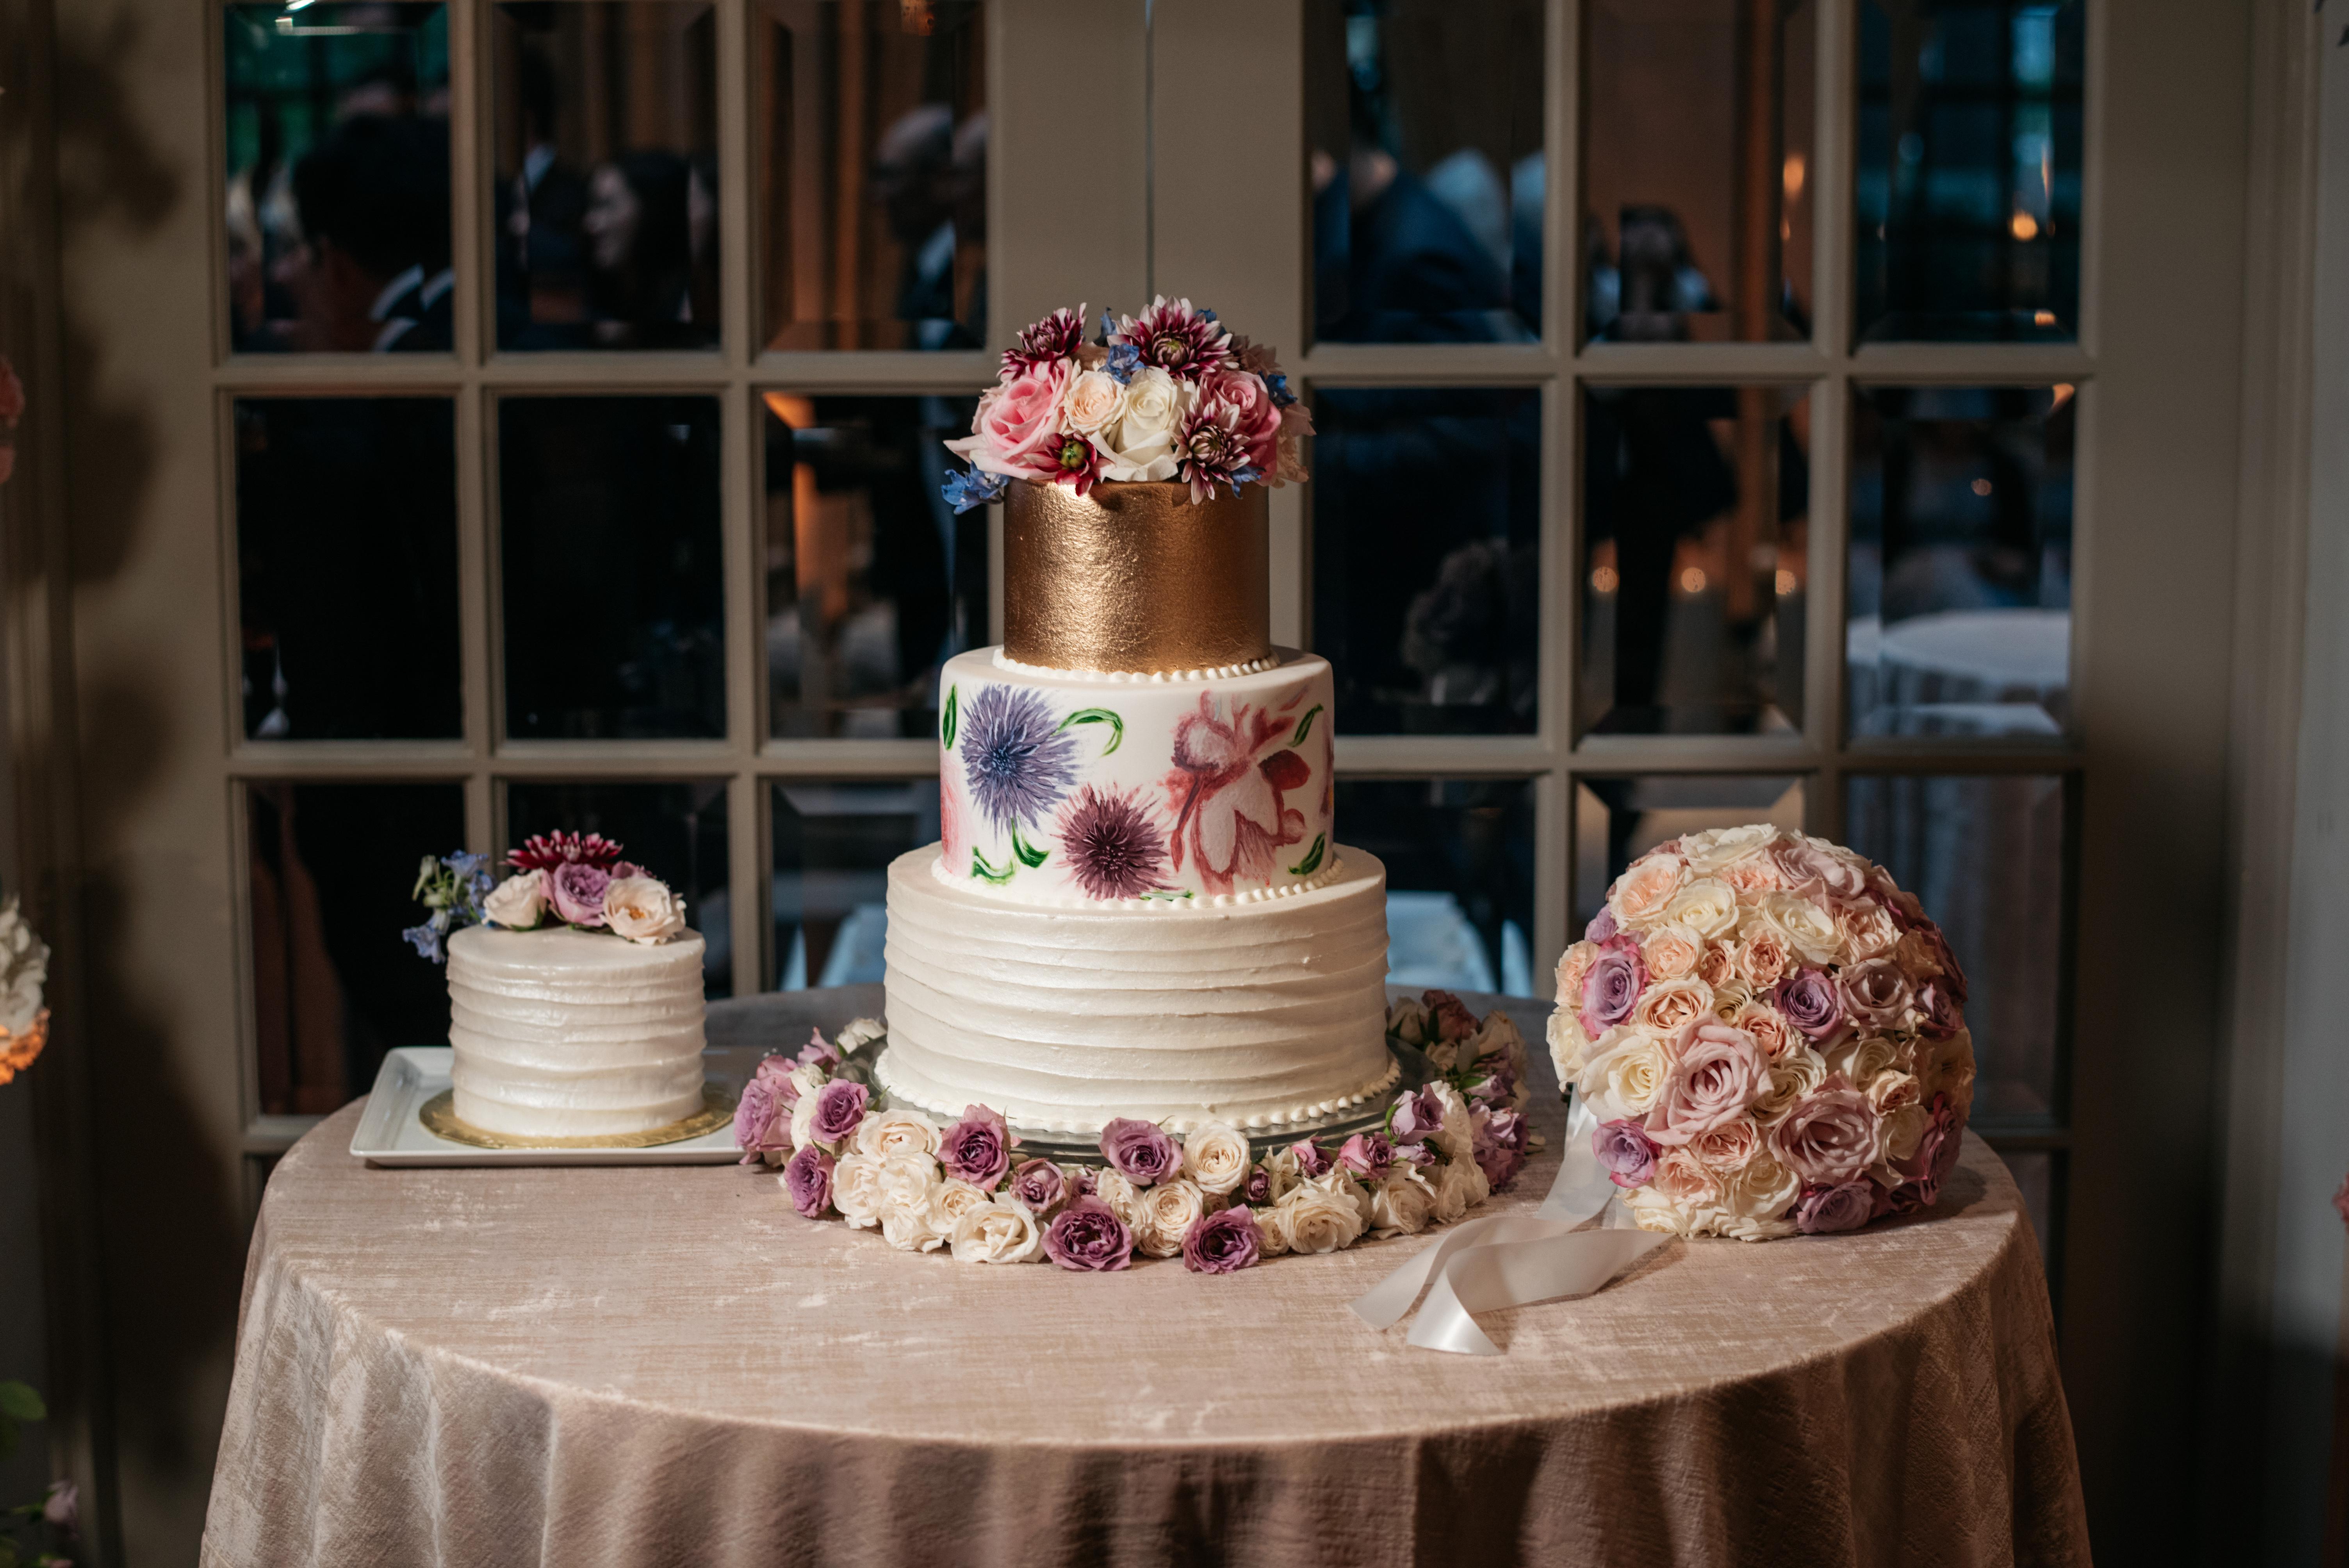 903-G&A-wedding-DLA_9590